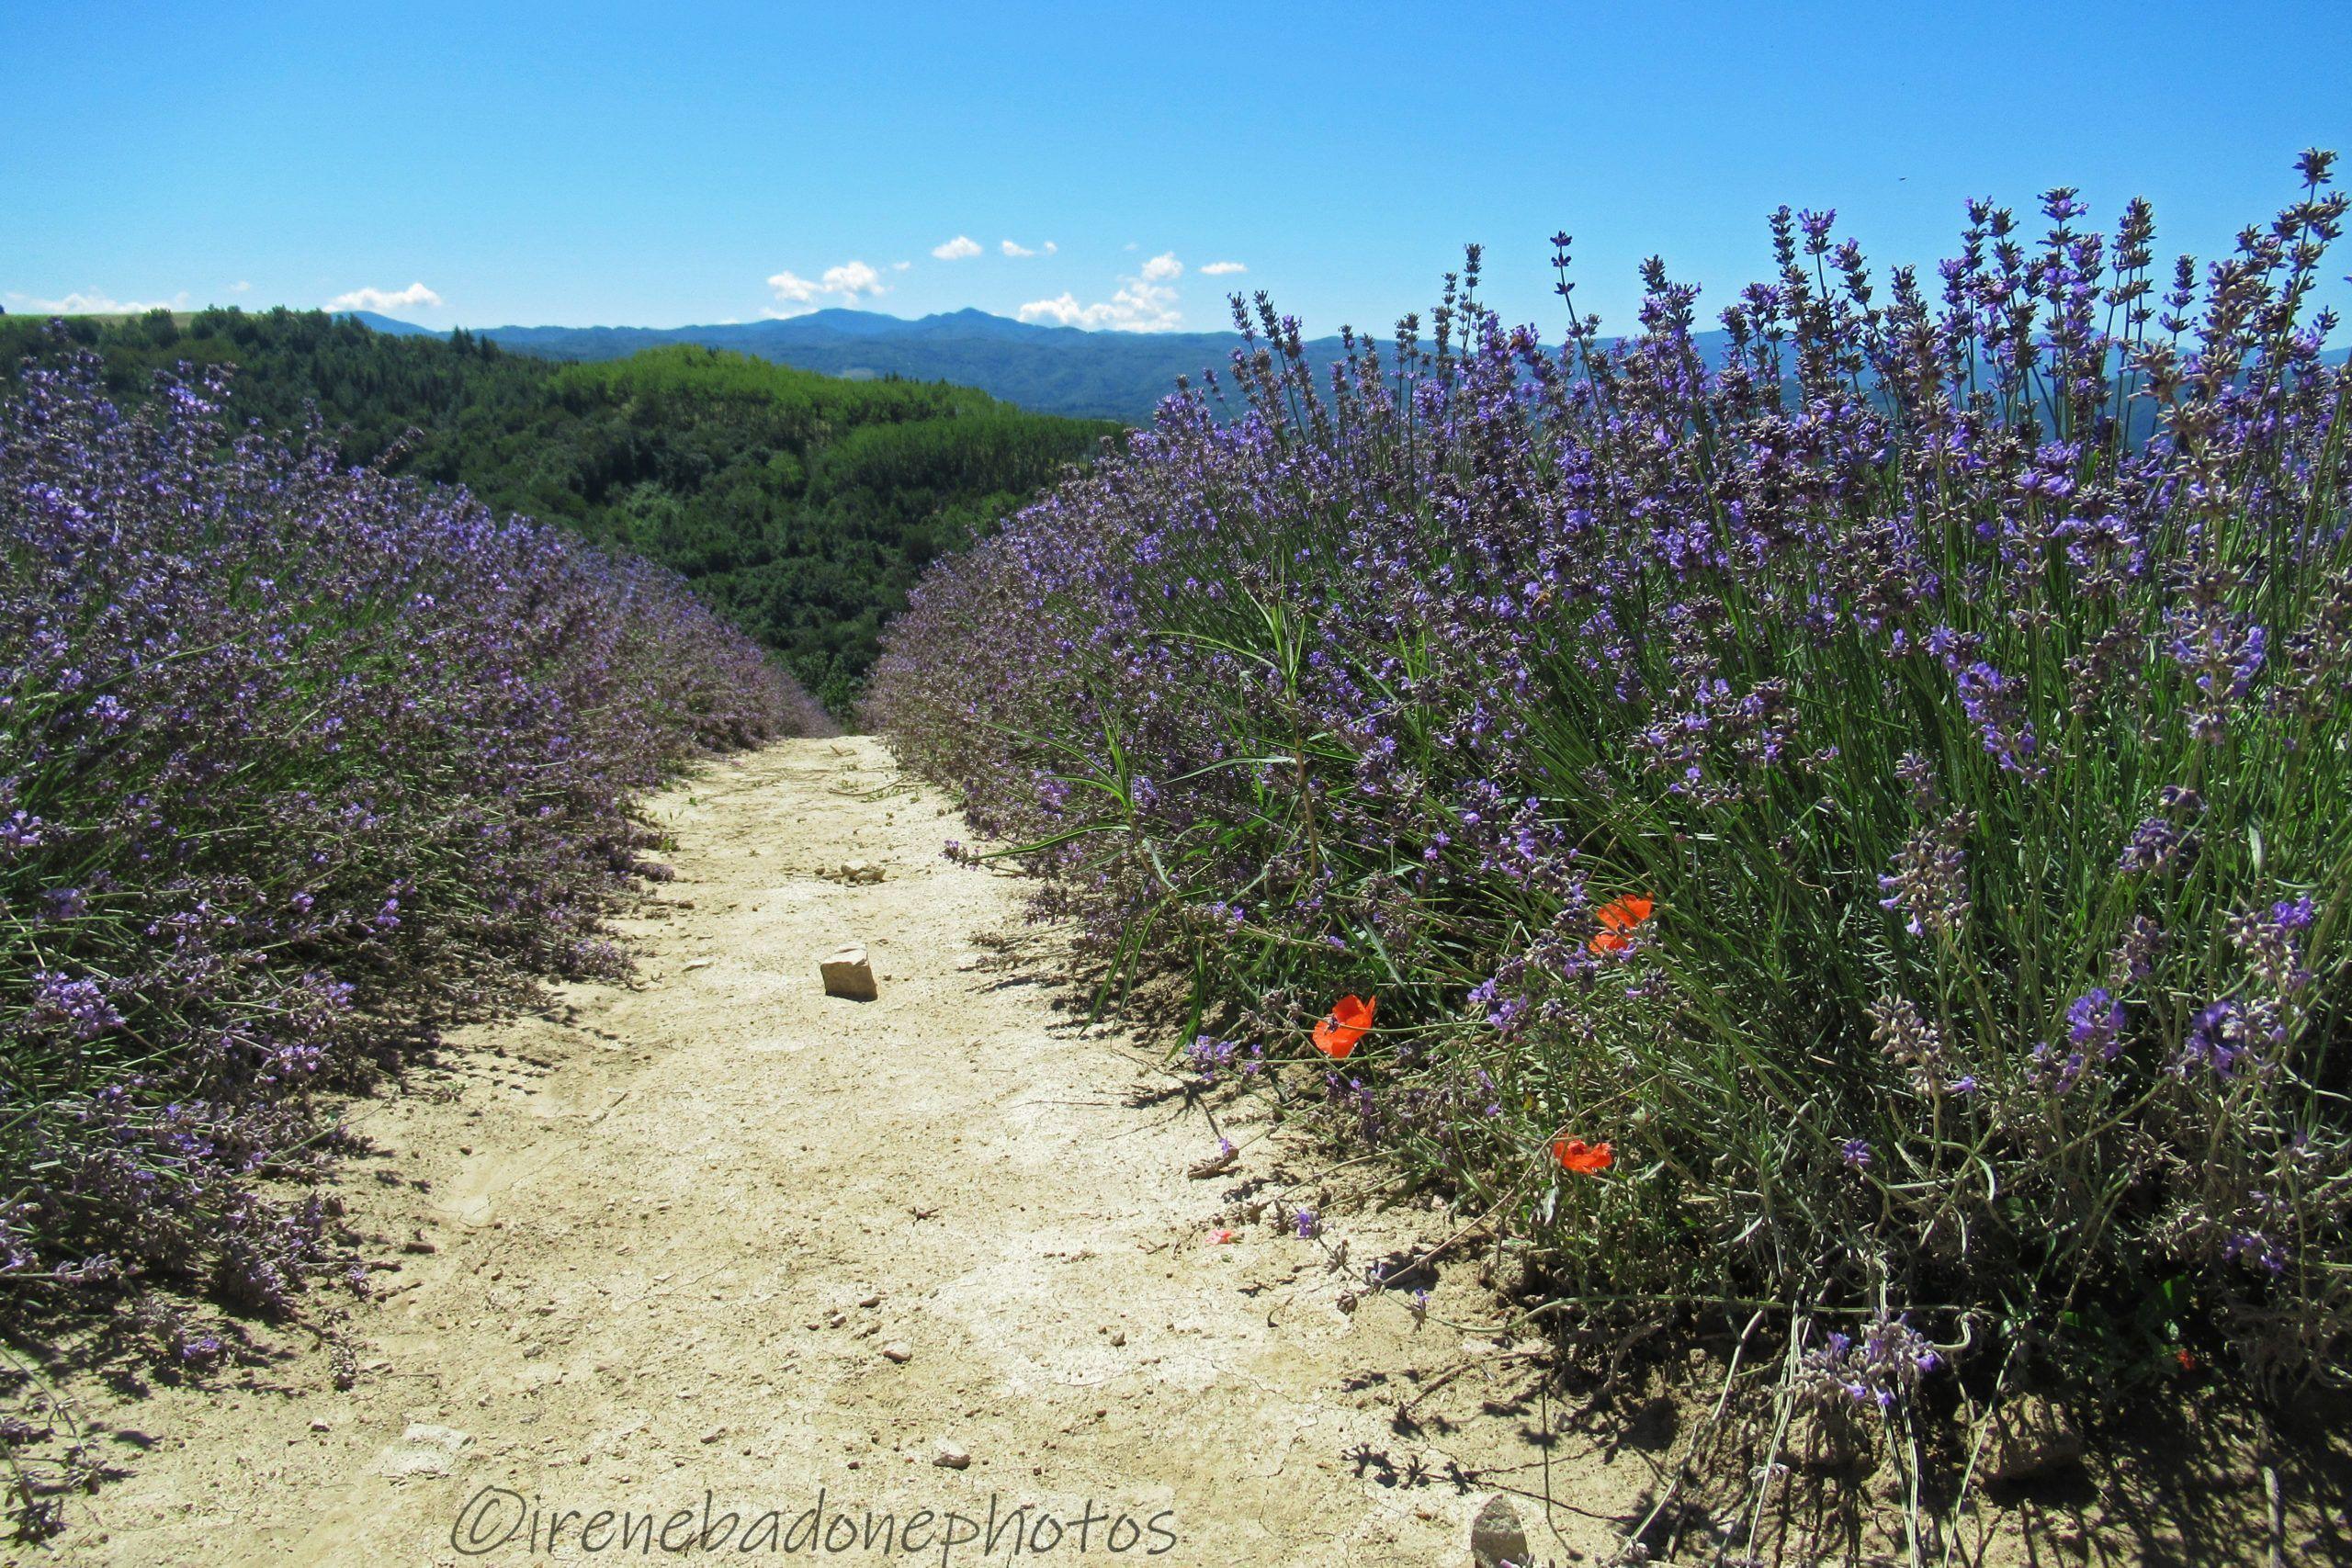 Si può ammirare la lavanda fiorita da inizio giugno a metà luglio